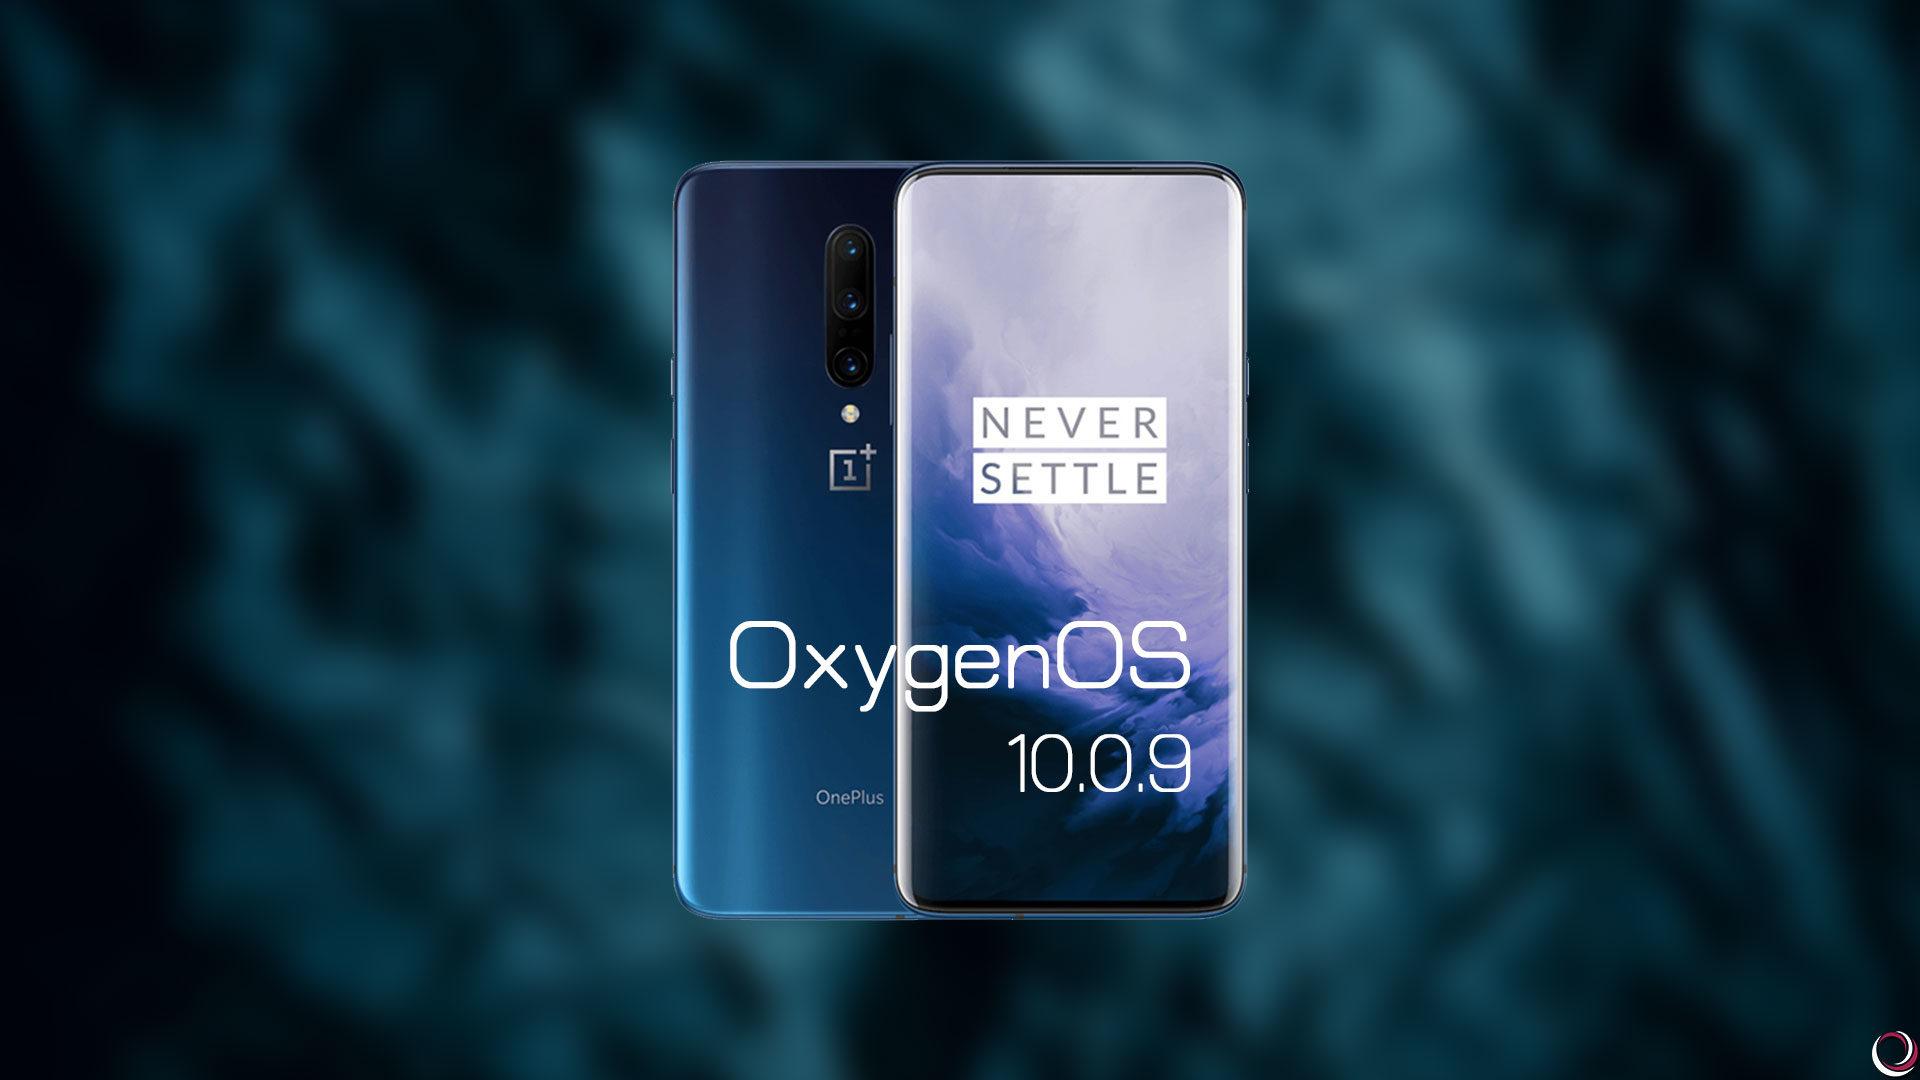 「OnePlus 7/7Pro」向けに消費電力の最適化や9月セキュリティパッチの「OxygenOS 10.0.9」がリリース